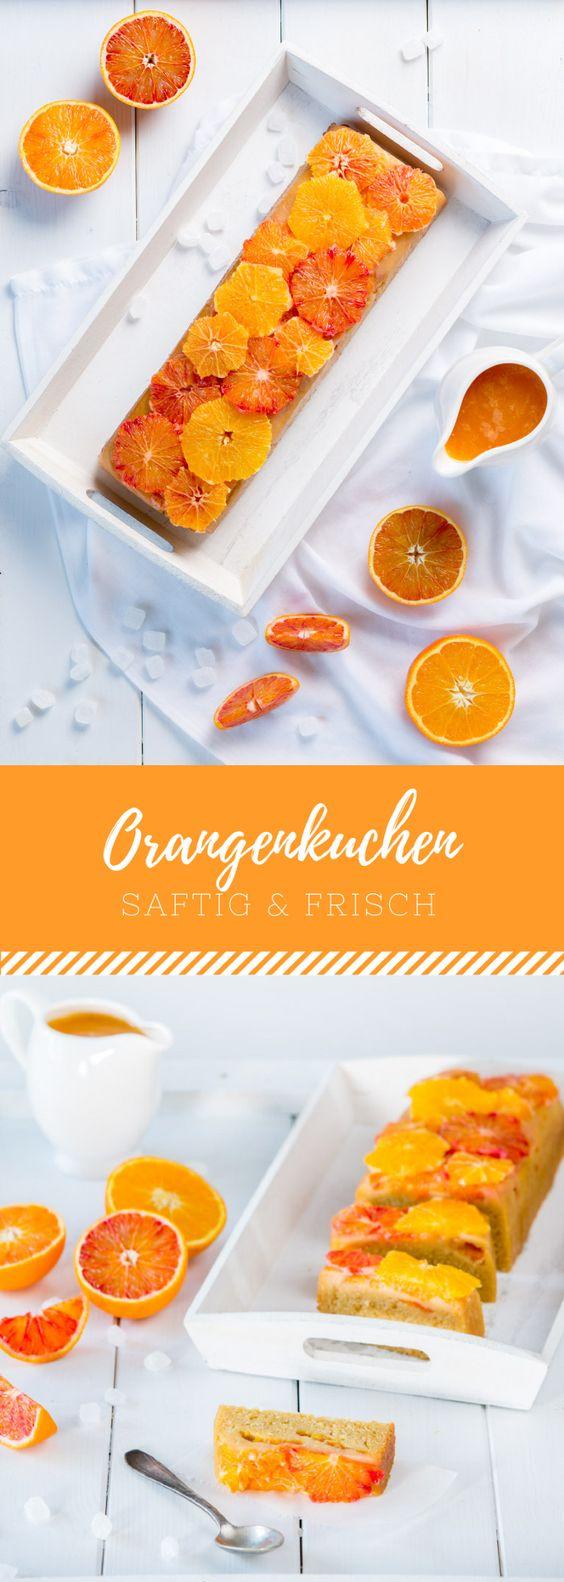 Orangenkuchen mit Diamant Zucker